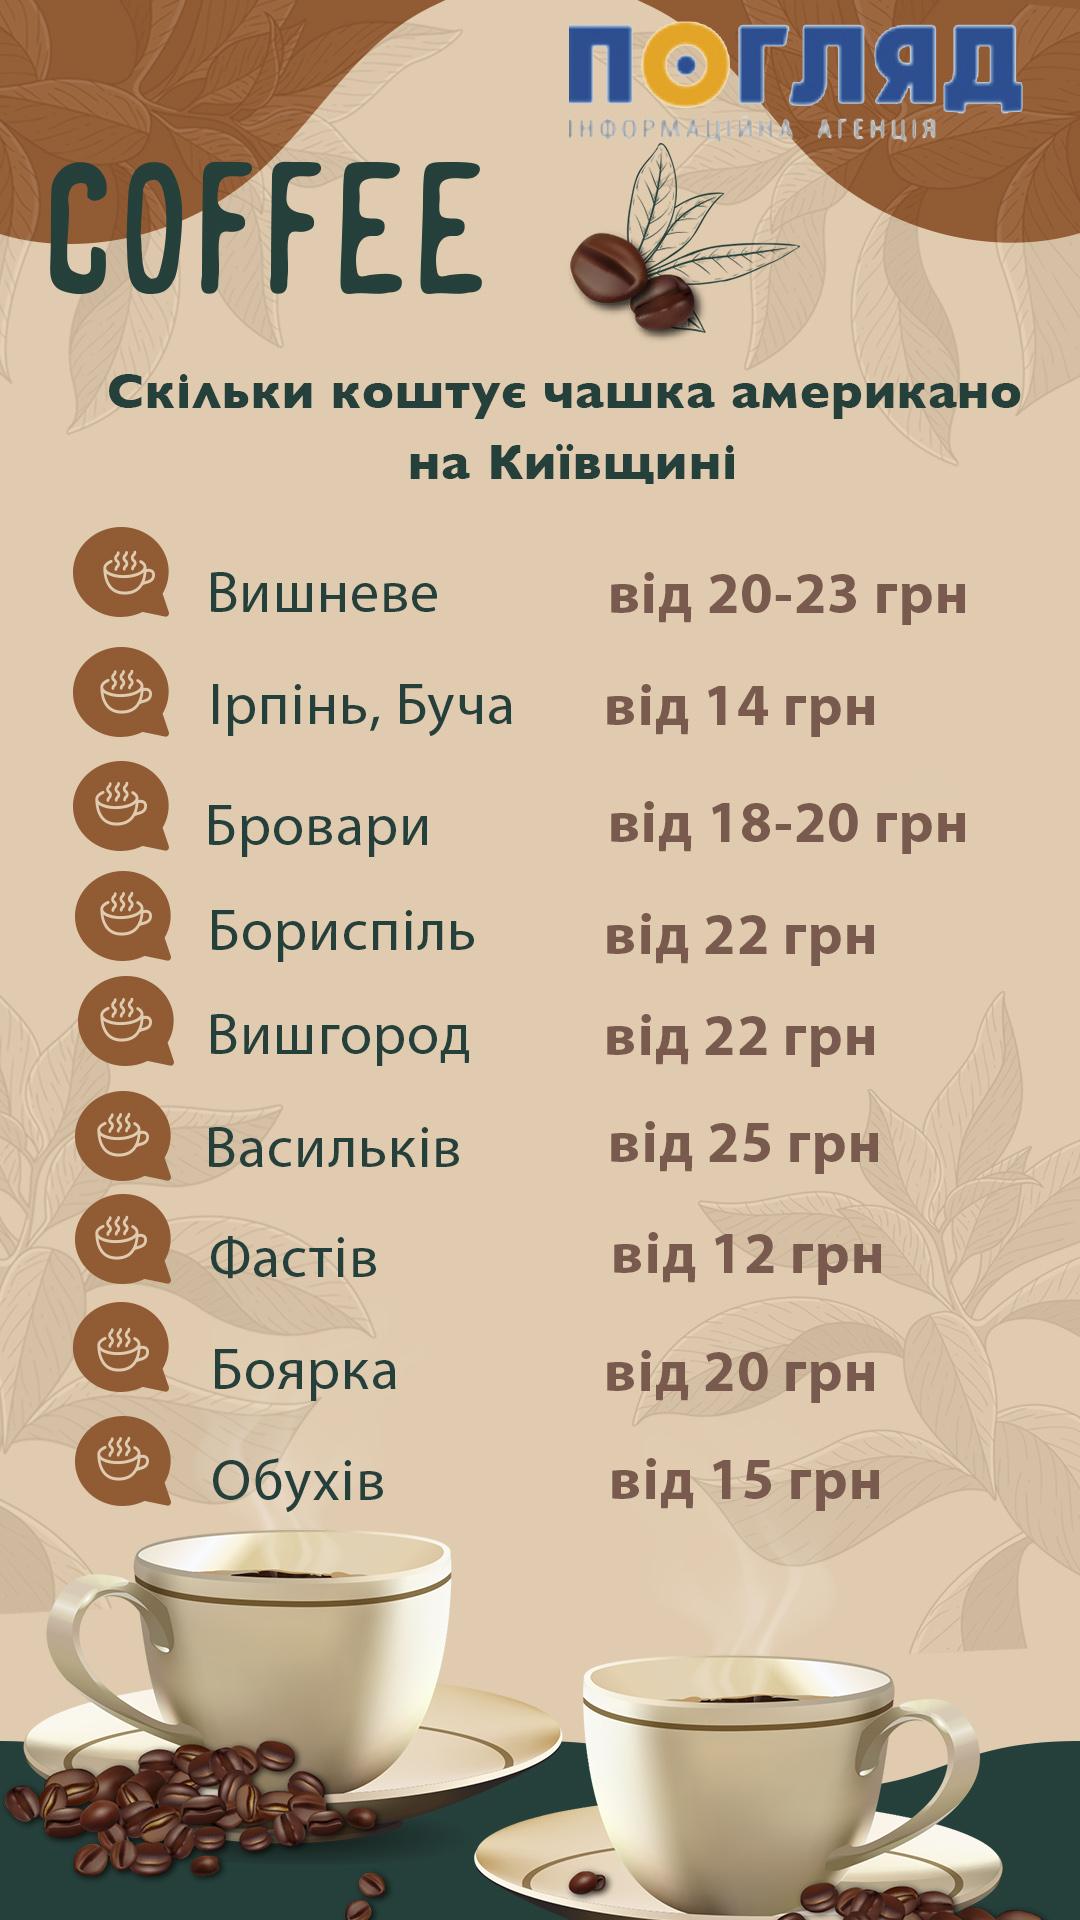 У світі можливий дефіцит кави та чаю. Скільки коштує чашка американо на Київщині - пандемія, криза, кава, американо - americano